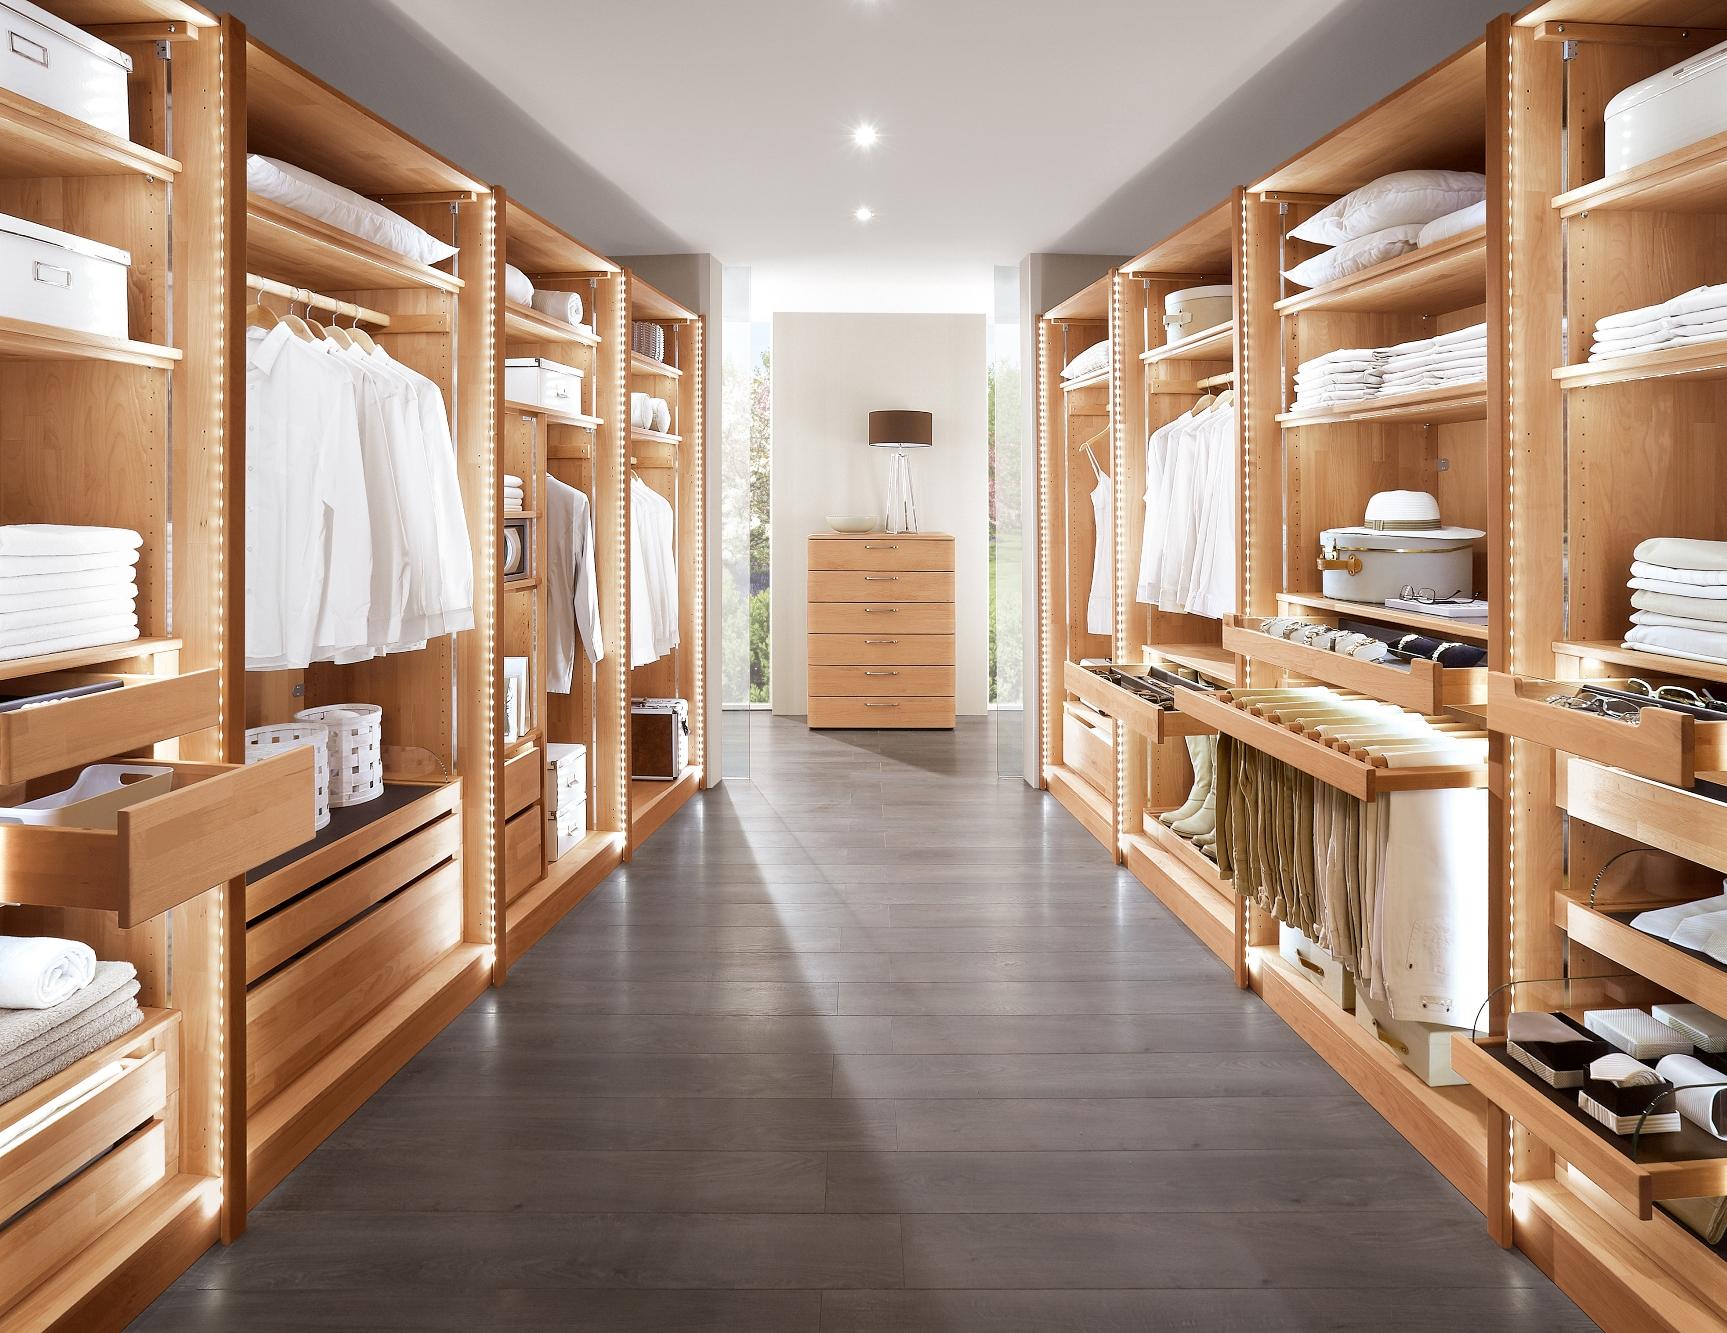 Casa Premium begehbarer Kleiderschrank Buche - offen Web